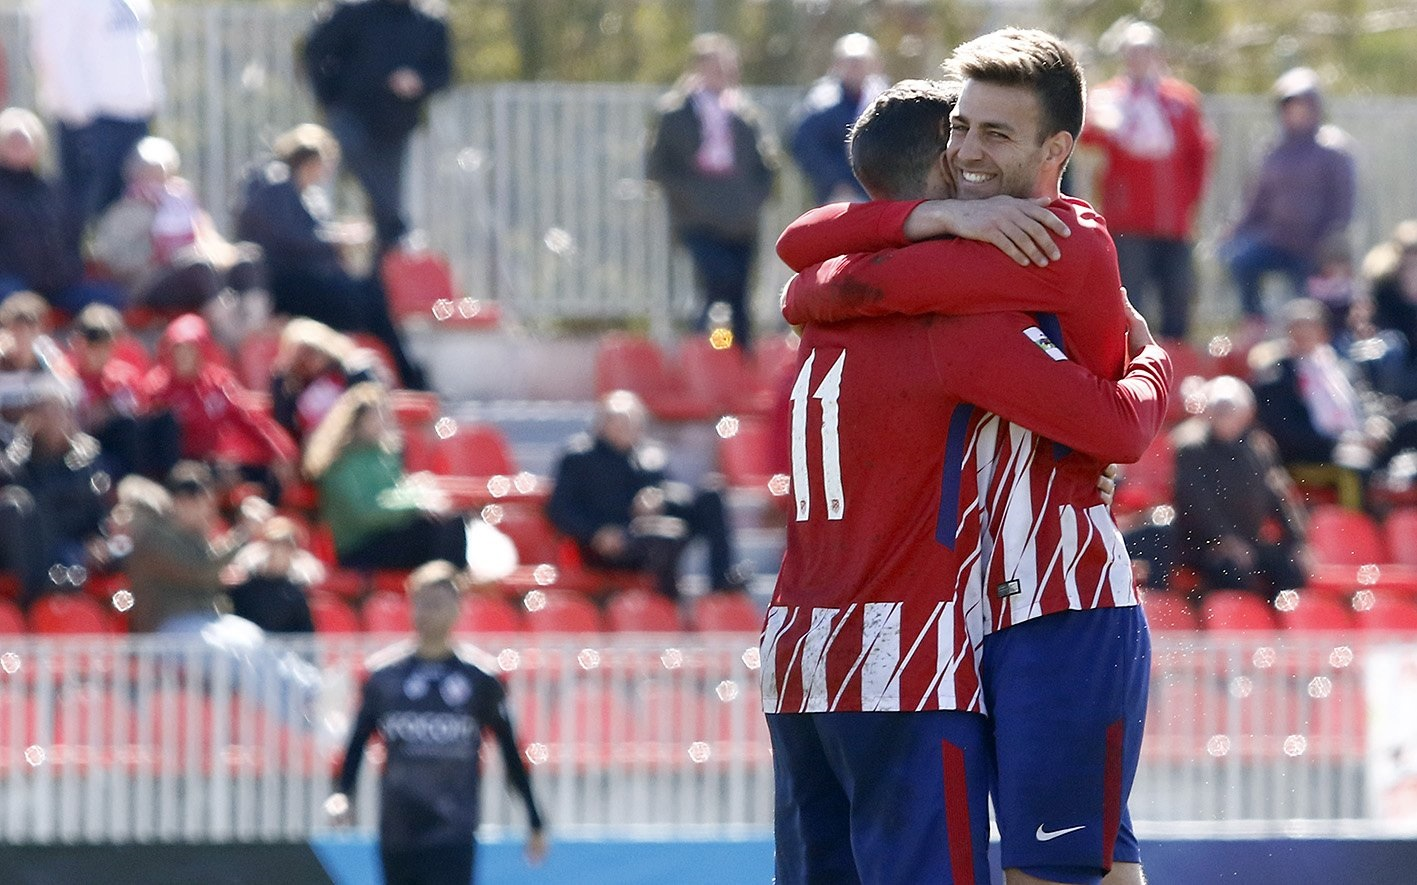 Atlético de Madrid B 1-0 U.D. San Sebastián de los Reyes: Con lo justo para seguir soñando con el ascenso 1